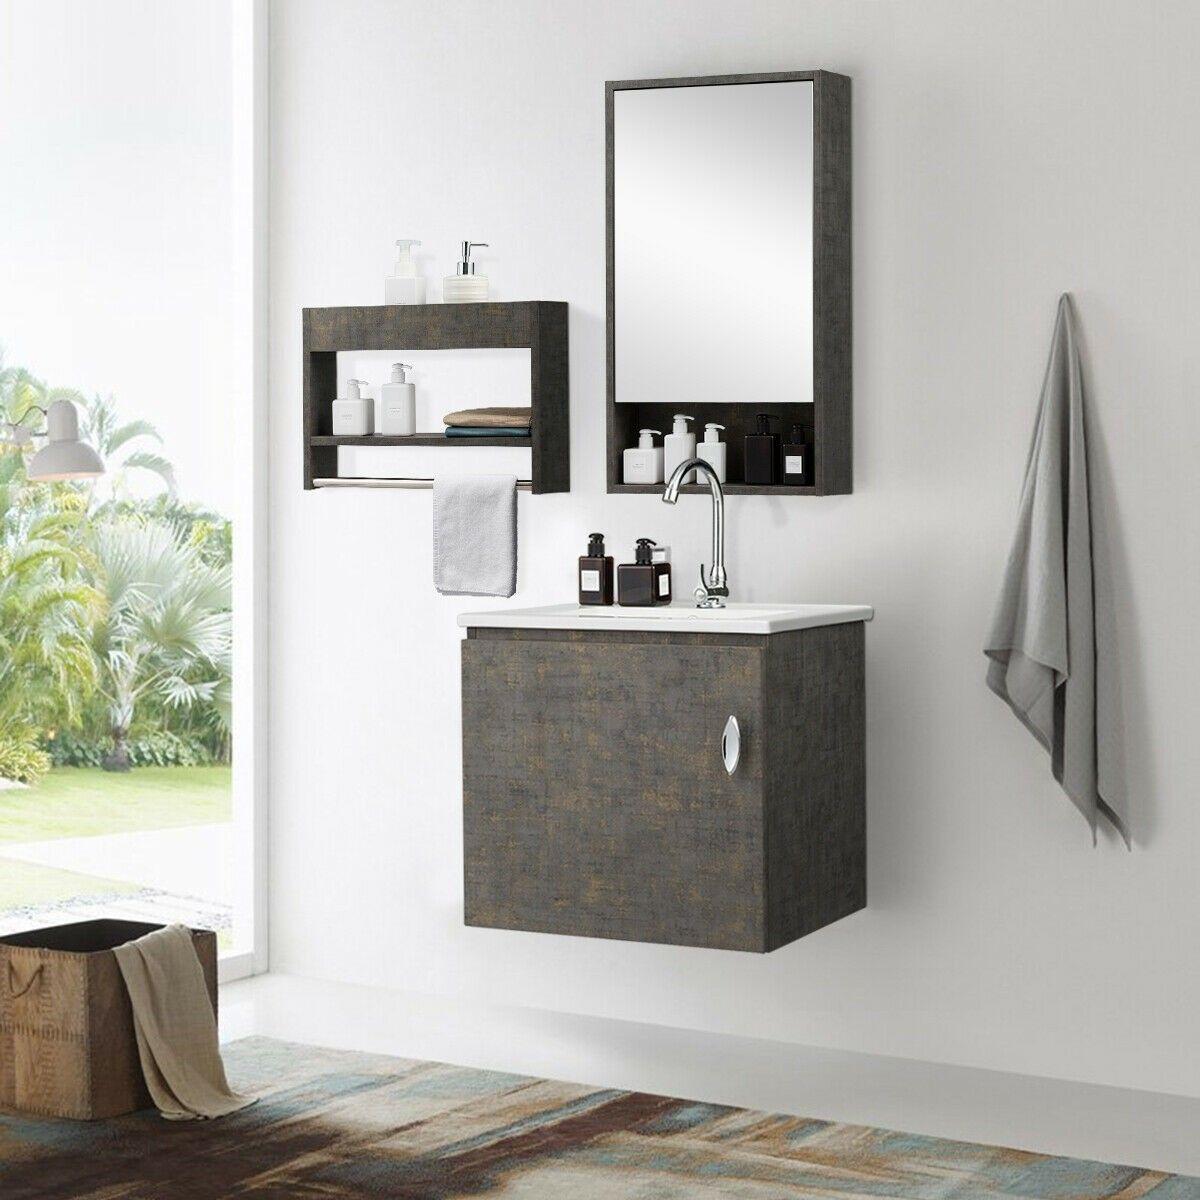 Modern Wall Mounted Bathroom Vanity Sink Set Vanity Sink Bathroom Decor Colors Bathroom Vanity [ jpg ]